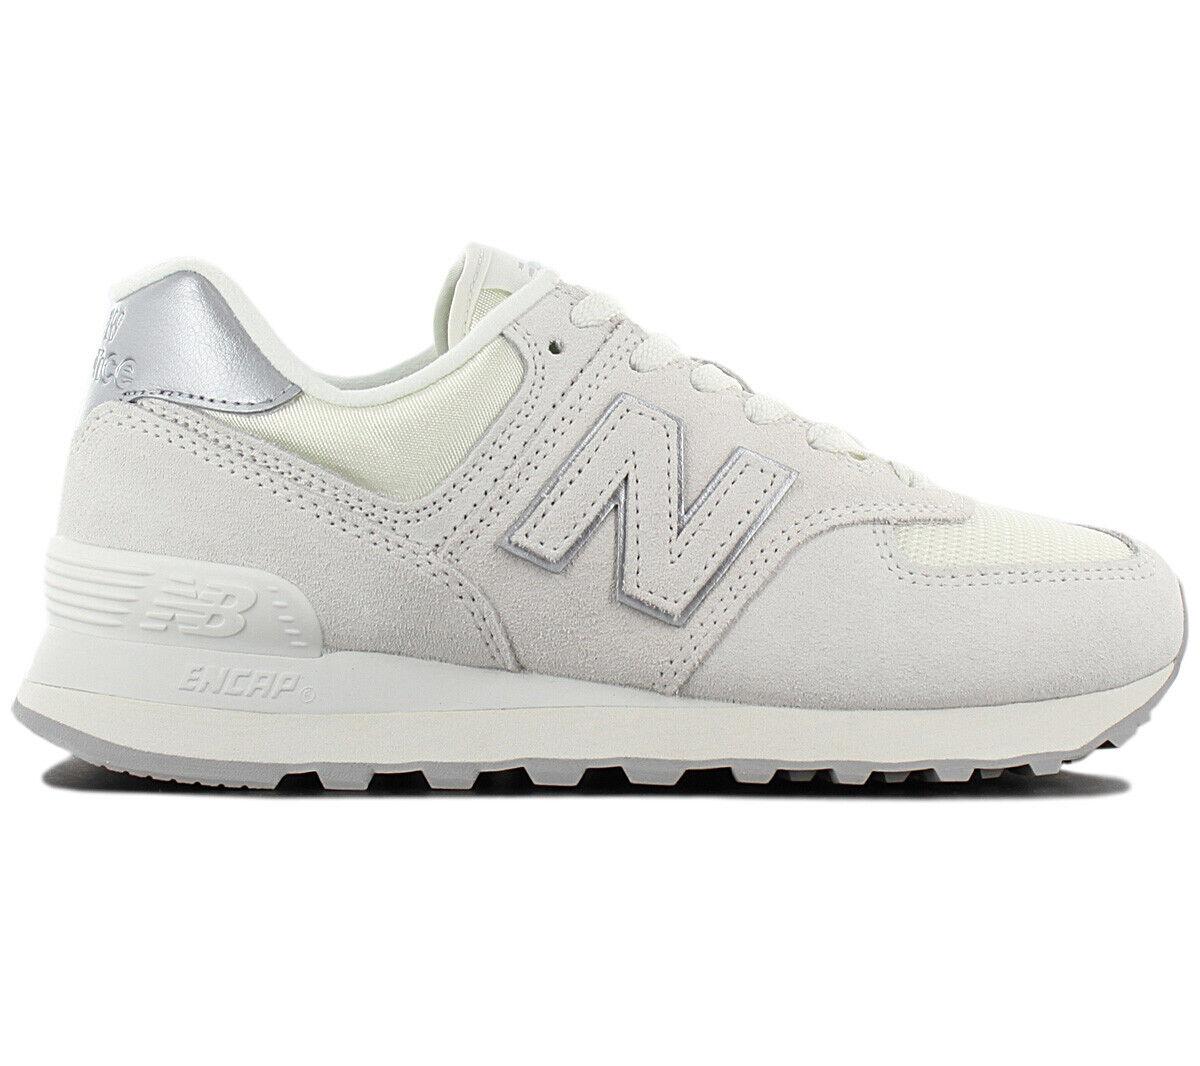 New balance Classics 574 cortos señora zapatos wl574sss zapatillas zapato deportivo nuevo